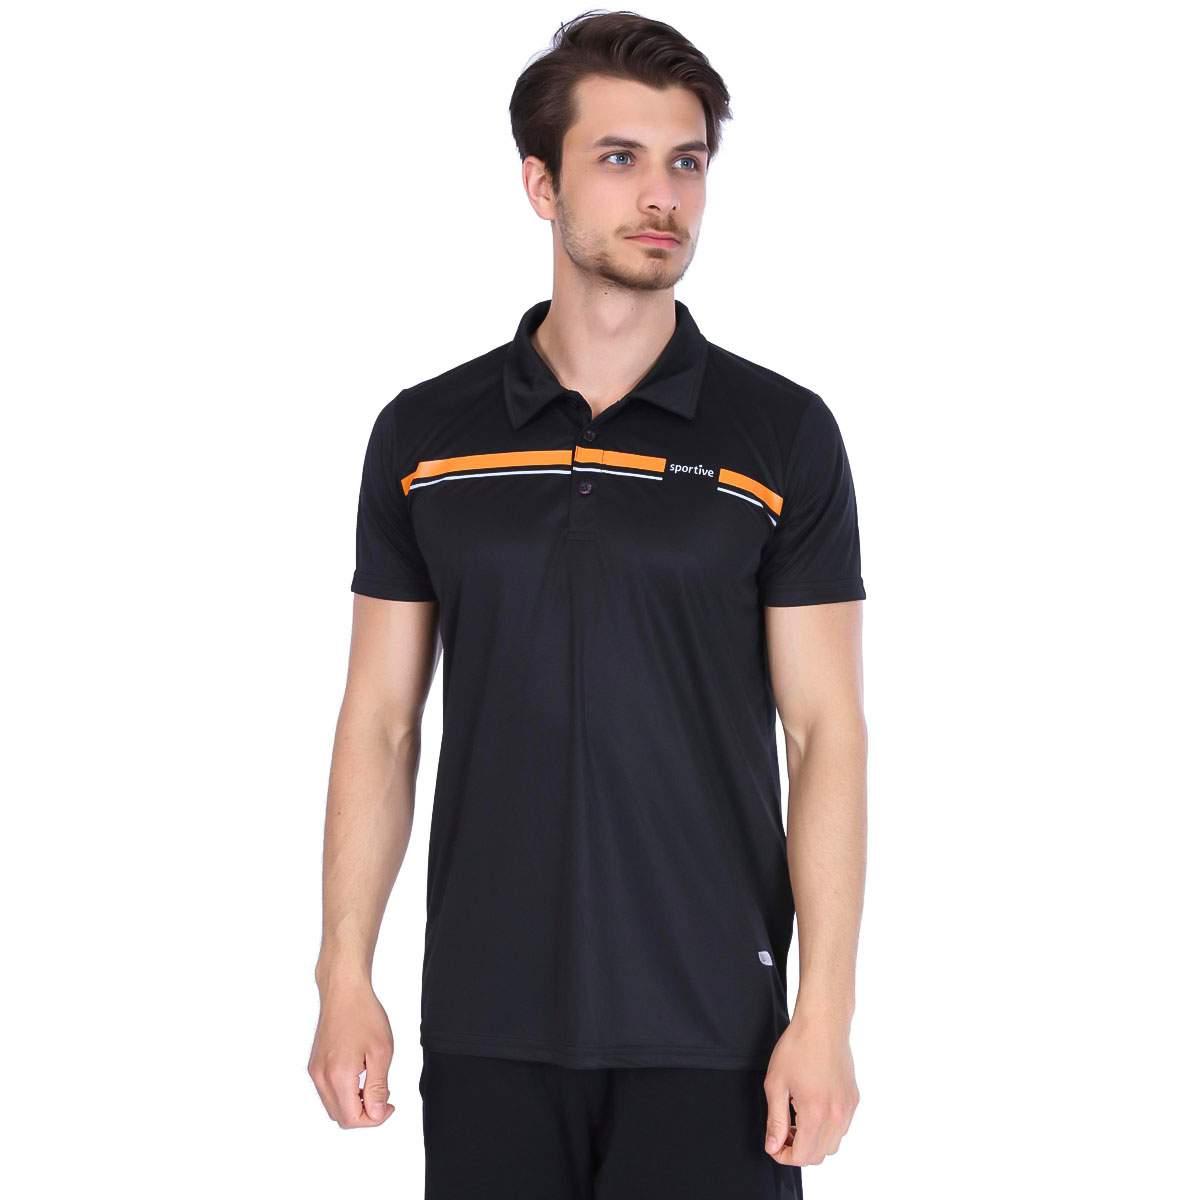 Sportive Erkek Polo Yaka Siyah Tişört 100886-00S